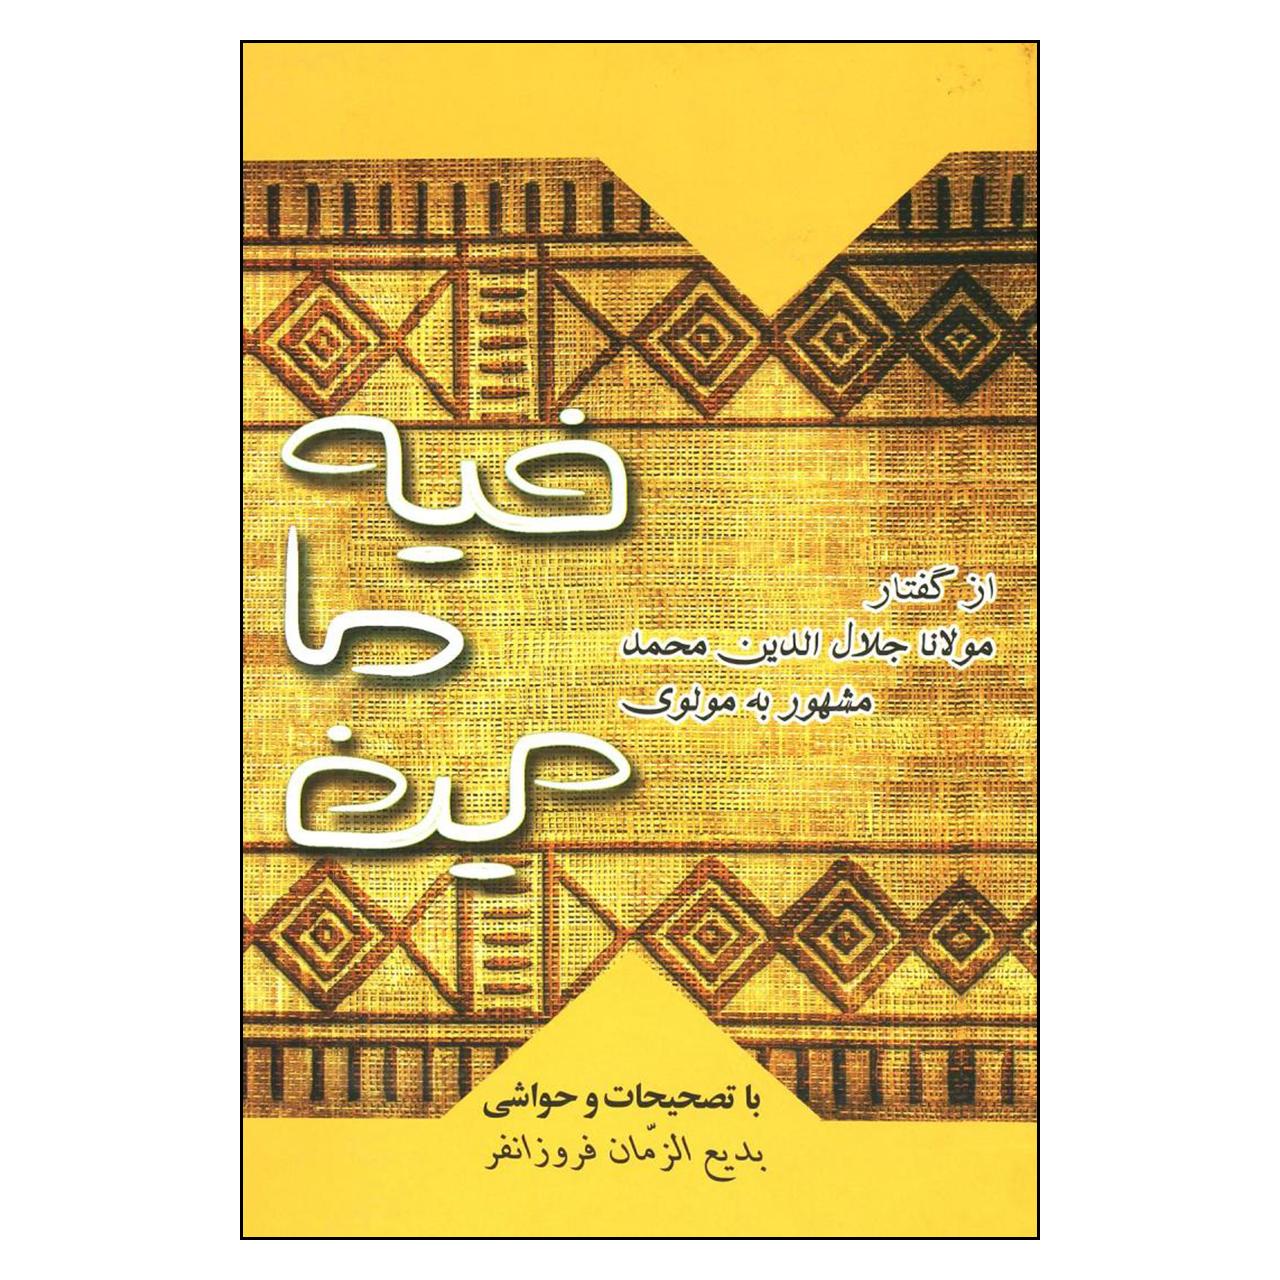 کتاب فیه ما فیه اثر مولانا جلال الدین محمد انتشارات بهزاد